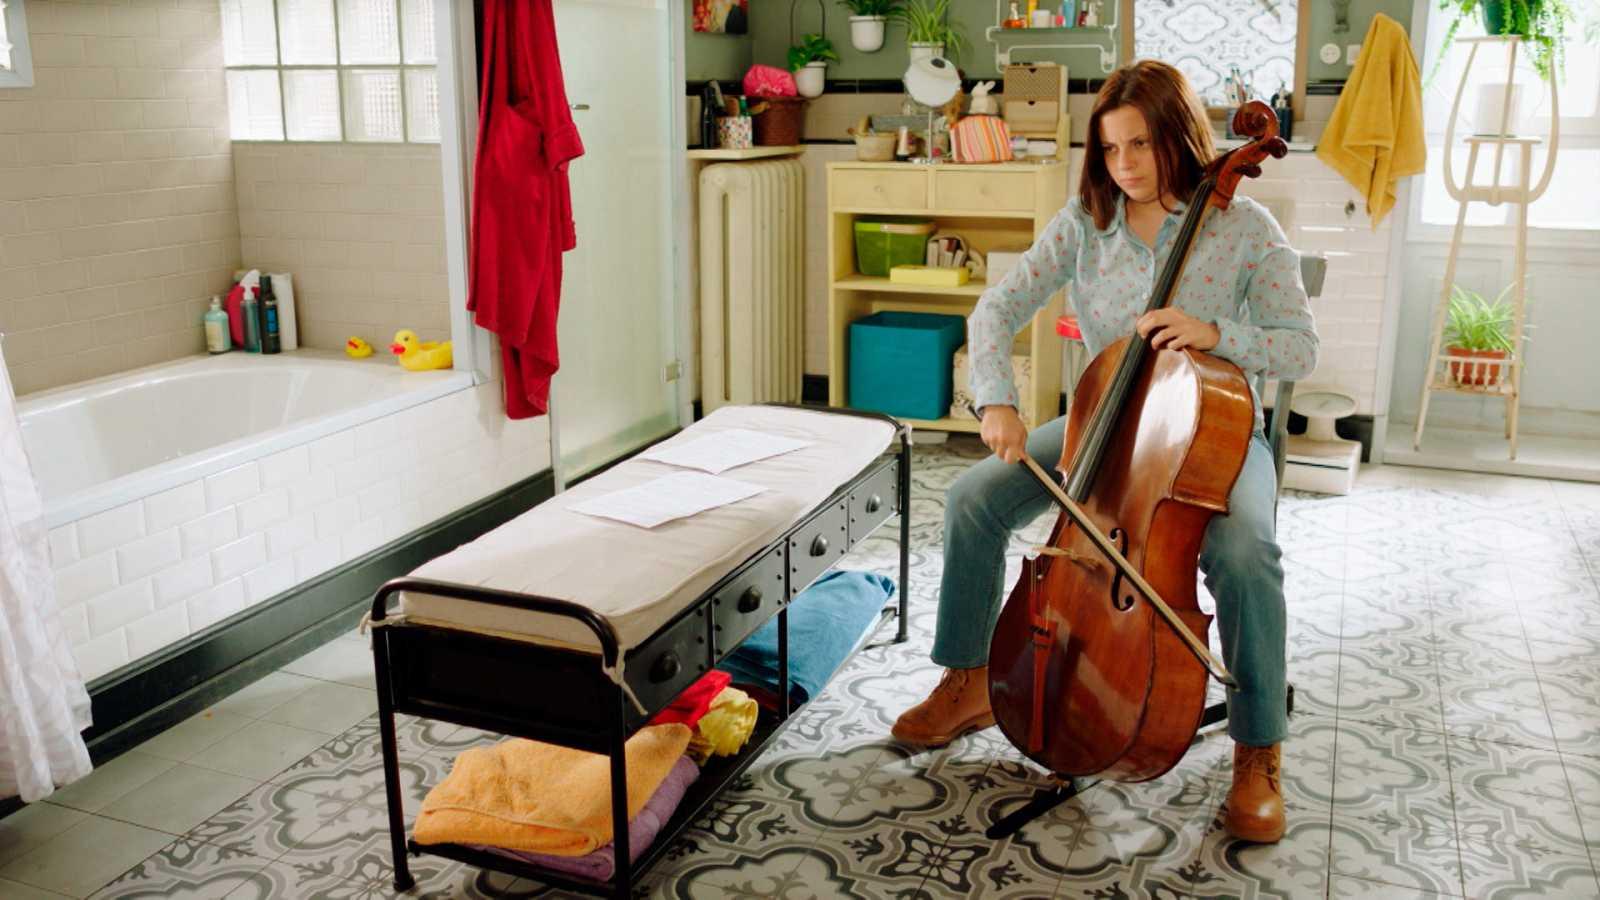 Bany compartit - La pau del violoncel - cap 27